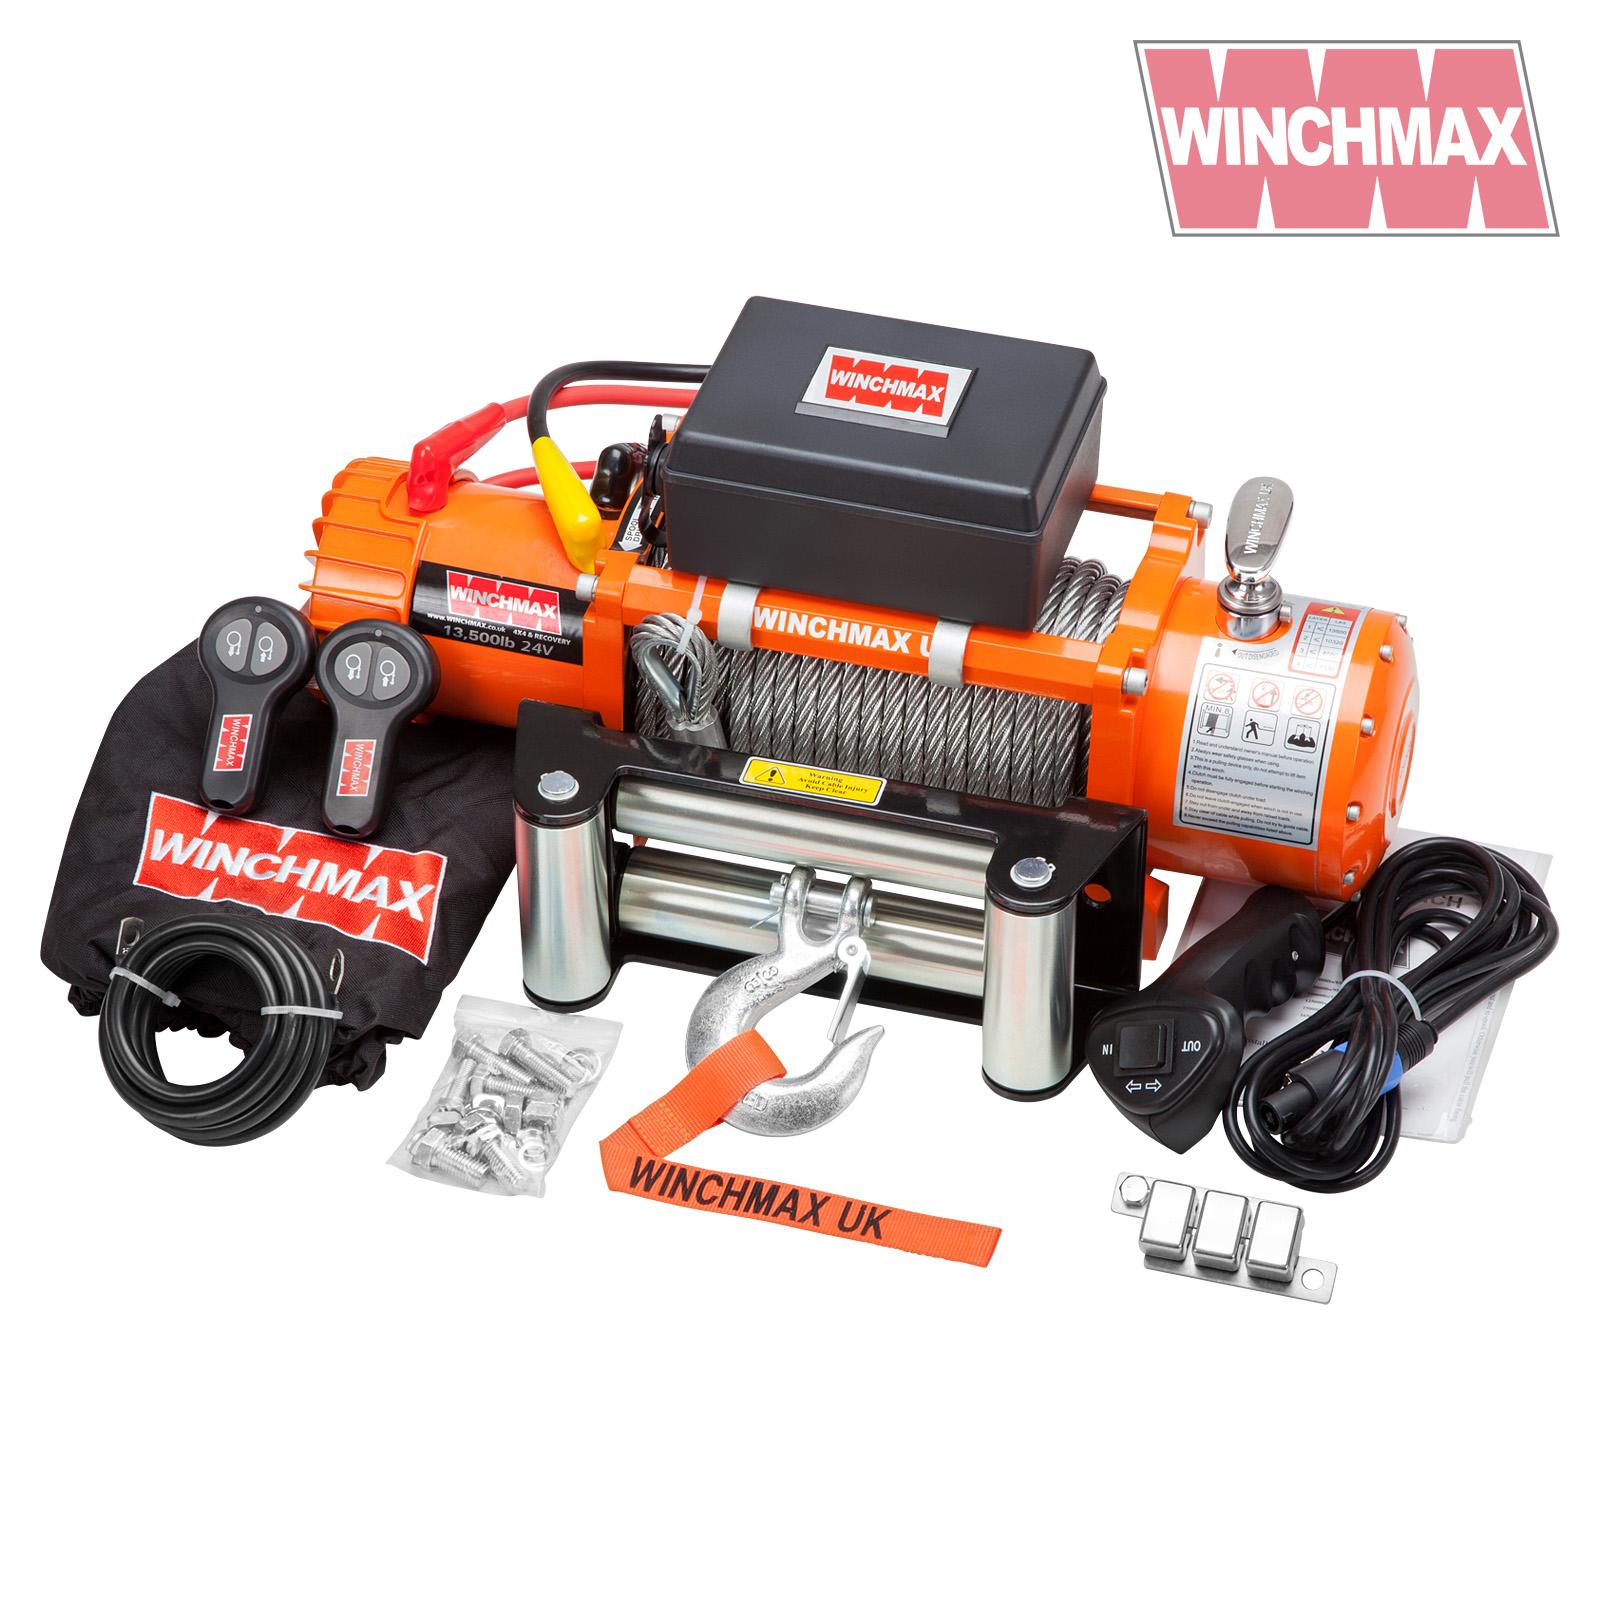 Wm1350024vr winchmax 02